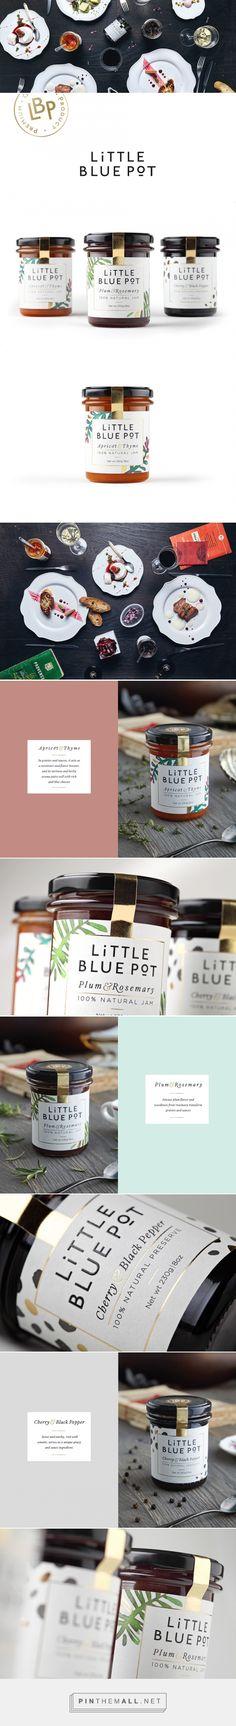 Little Blue Pot Jam packaging design by Coba&Associates (Serbia) - http://www.packagingoftheworld.com/2016/05/little-blue-pot.html